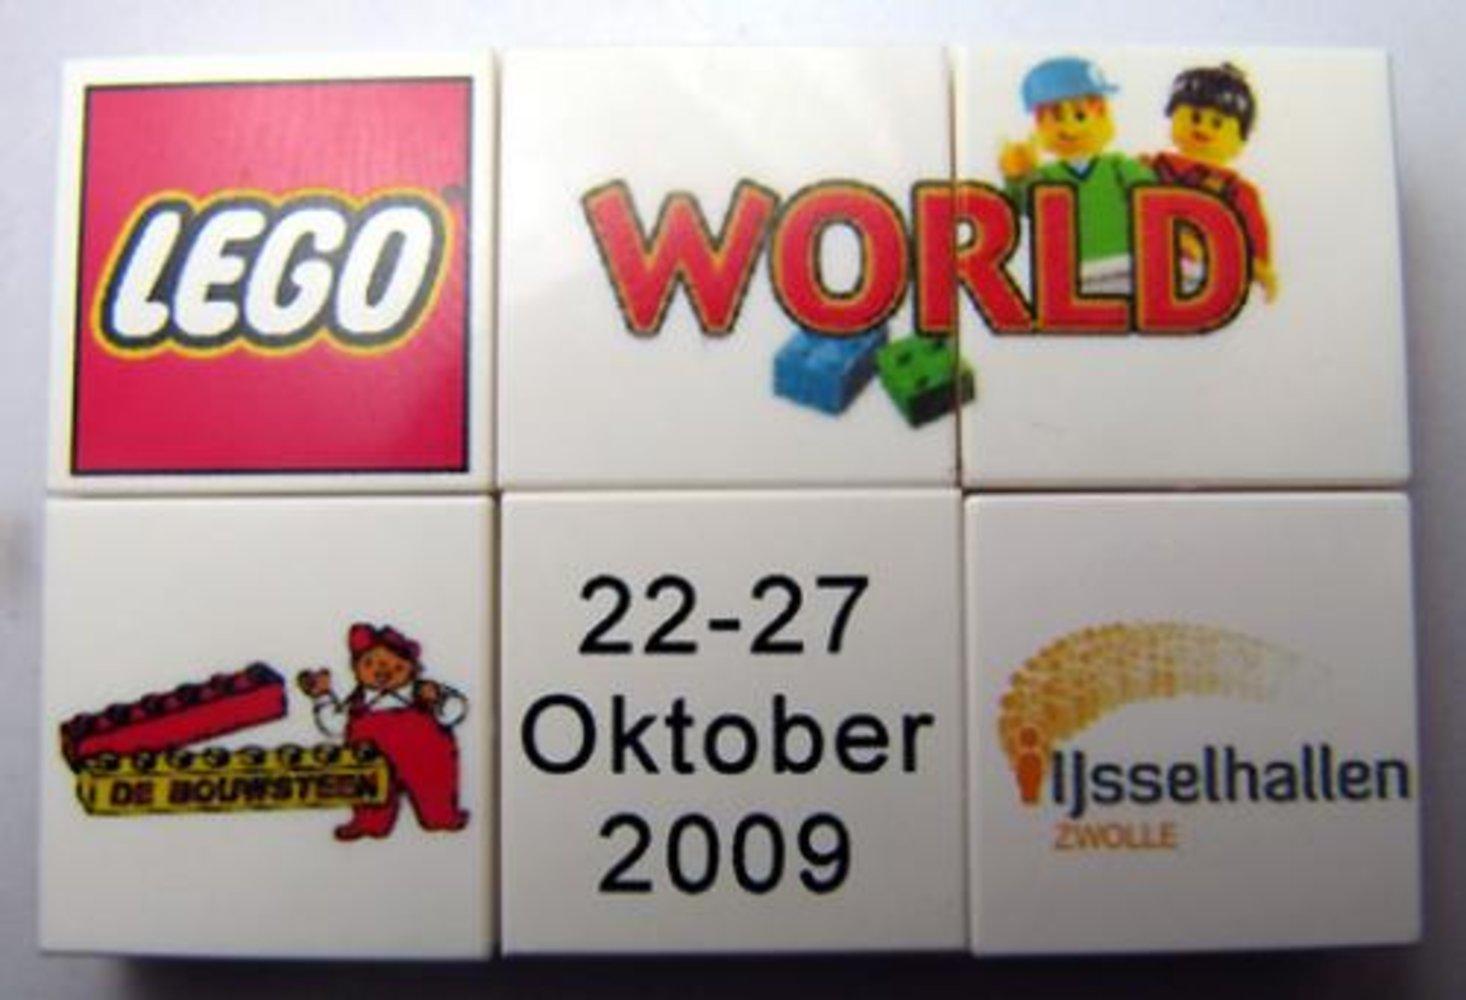 LEGO World Zwolle Puzzle Promo 2009